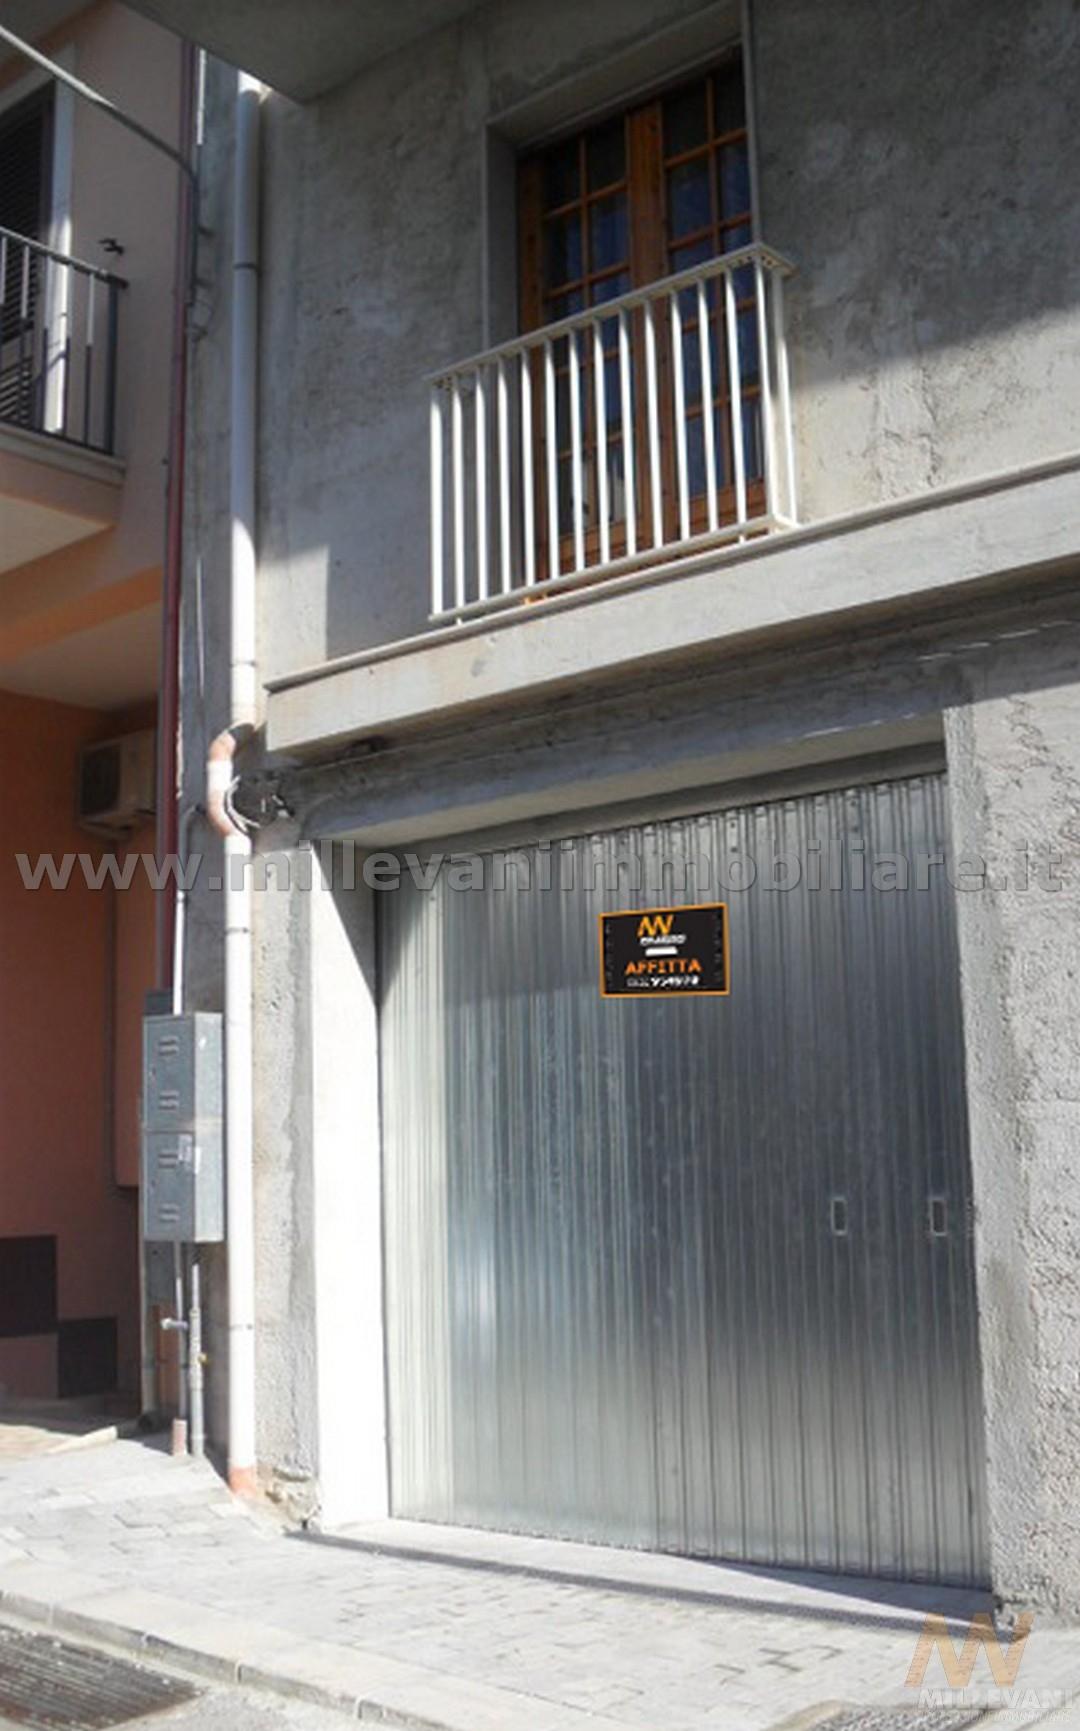 Magazzino in affitto a Pozzallo, 1 locali, zona Località: ViaTorino, prezzo € 200 | CambioCasa.it